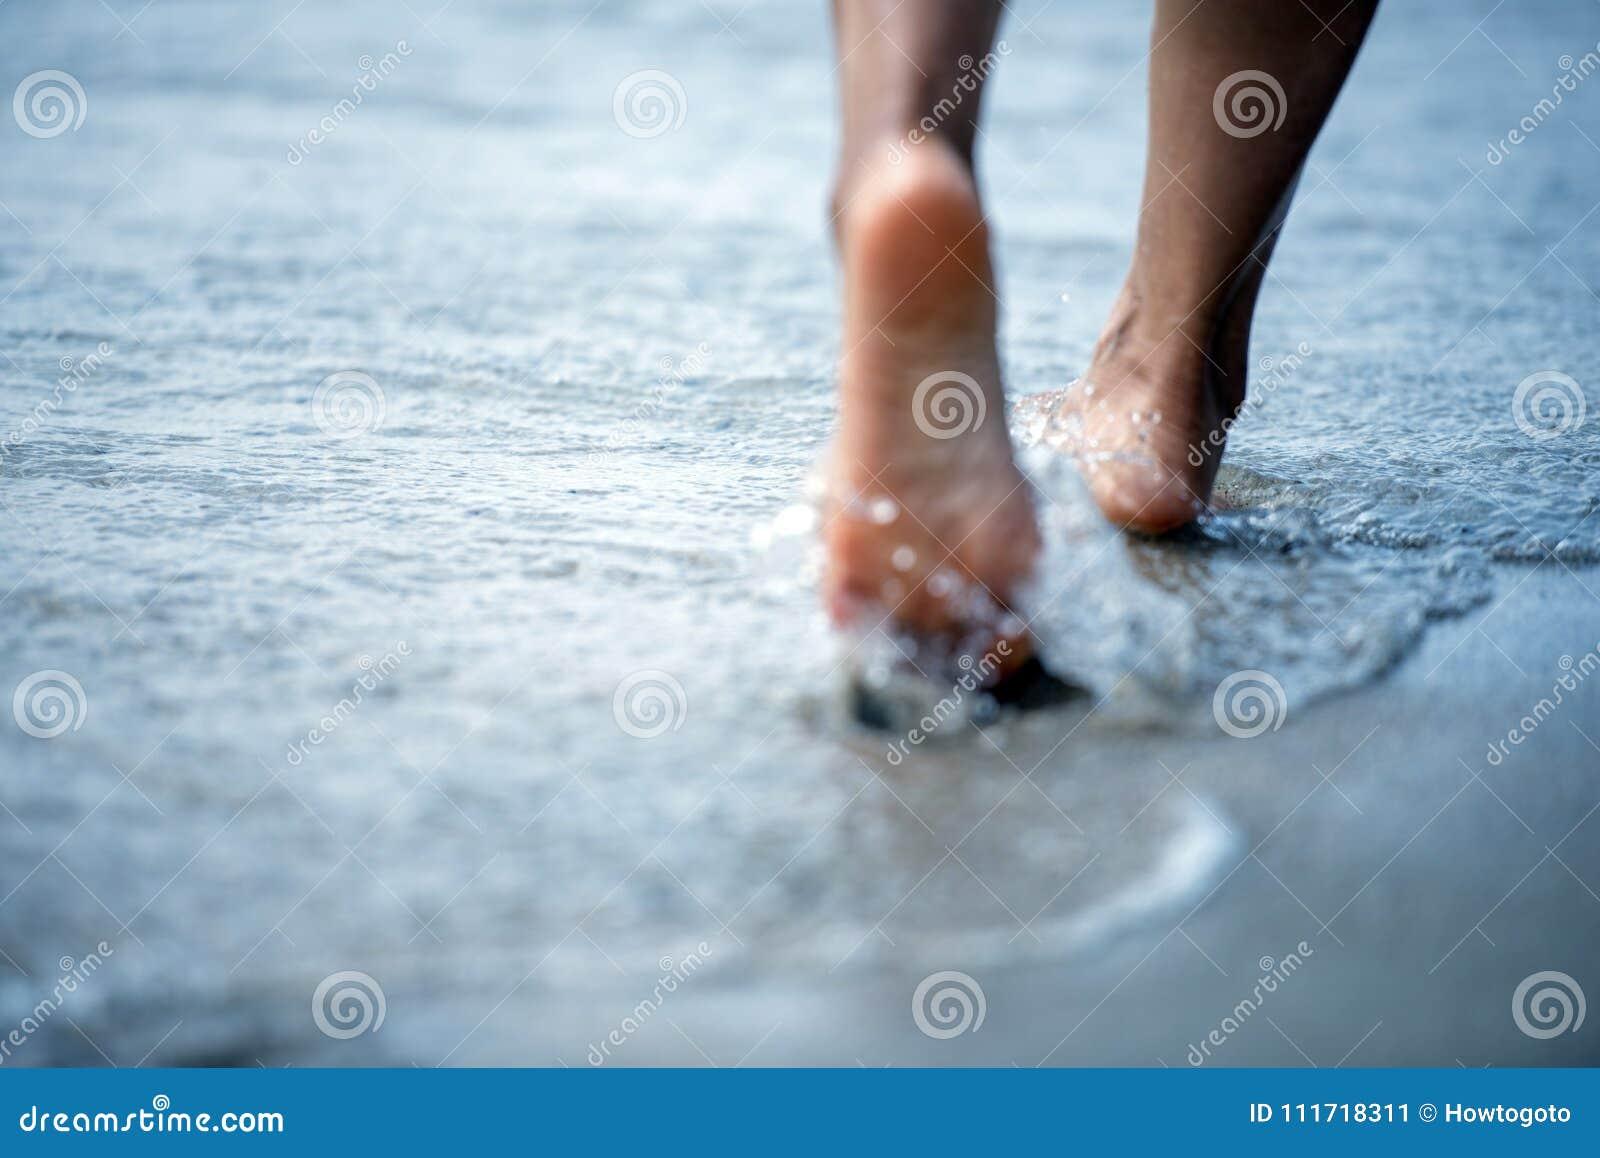 Kal fot för kvinna som går på sommarstranden övre ben för slut av den unga kvinnan som promenerar vågen av havsvatten och sand på